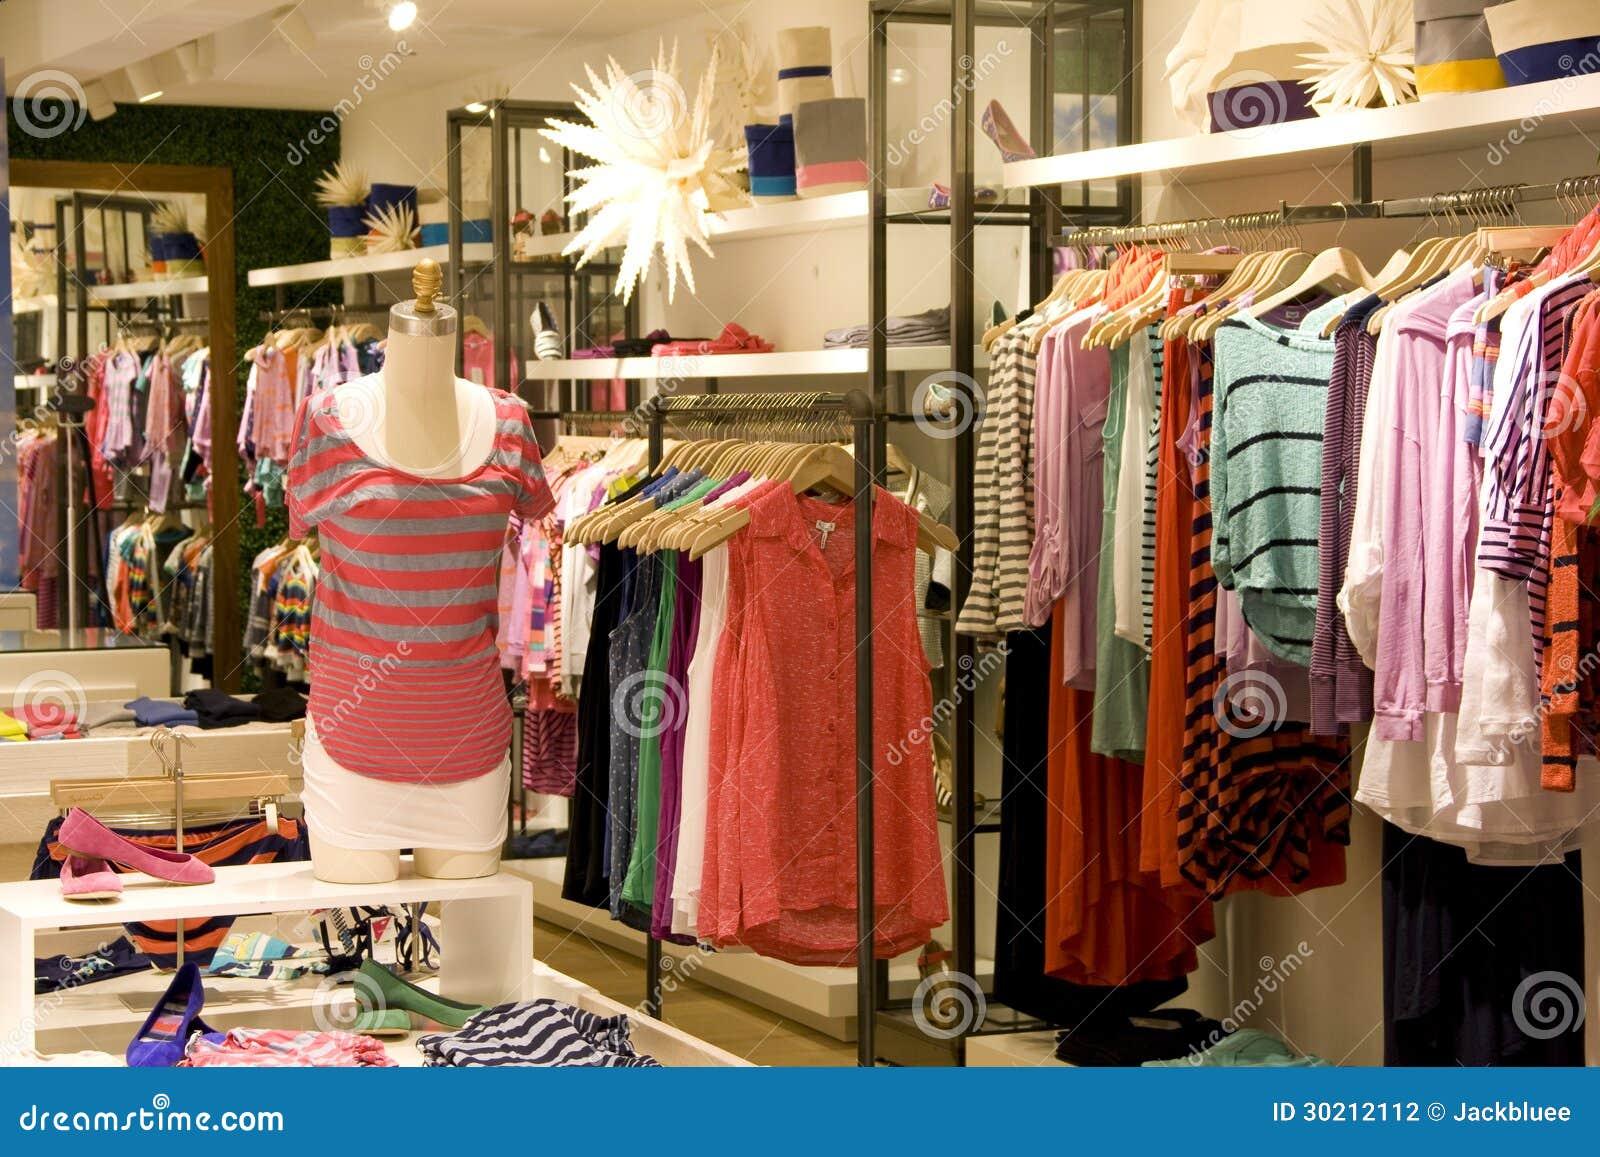 d55b36b82 Tienda De La Ropa De Moda De La Mujer Foto de archivo - Imagen de ...